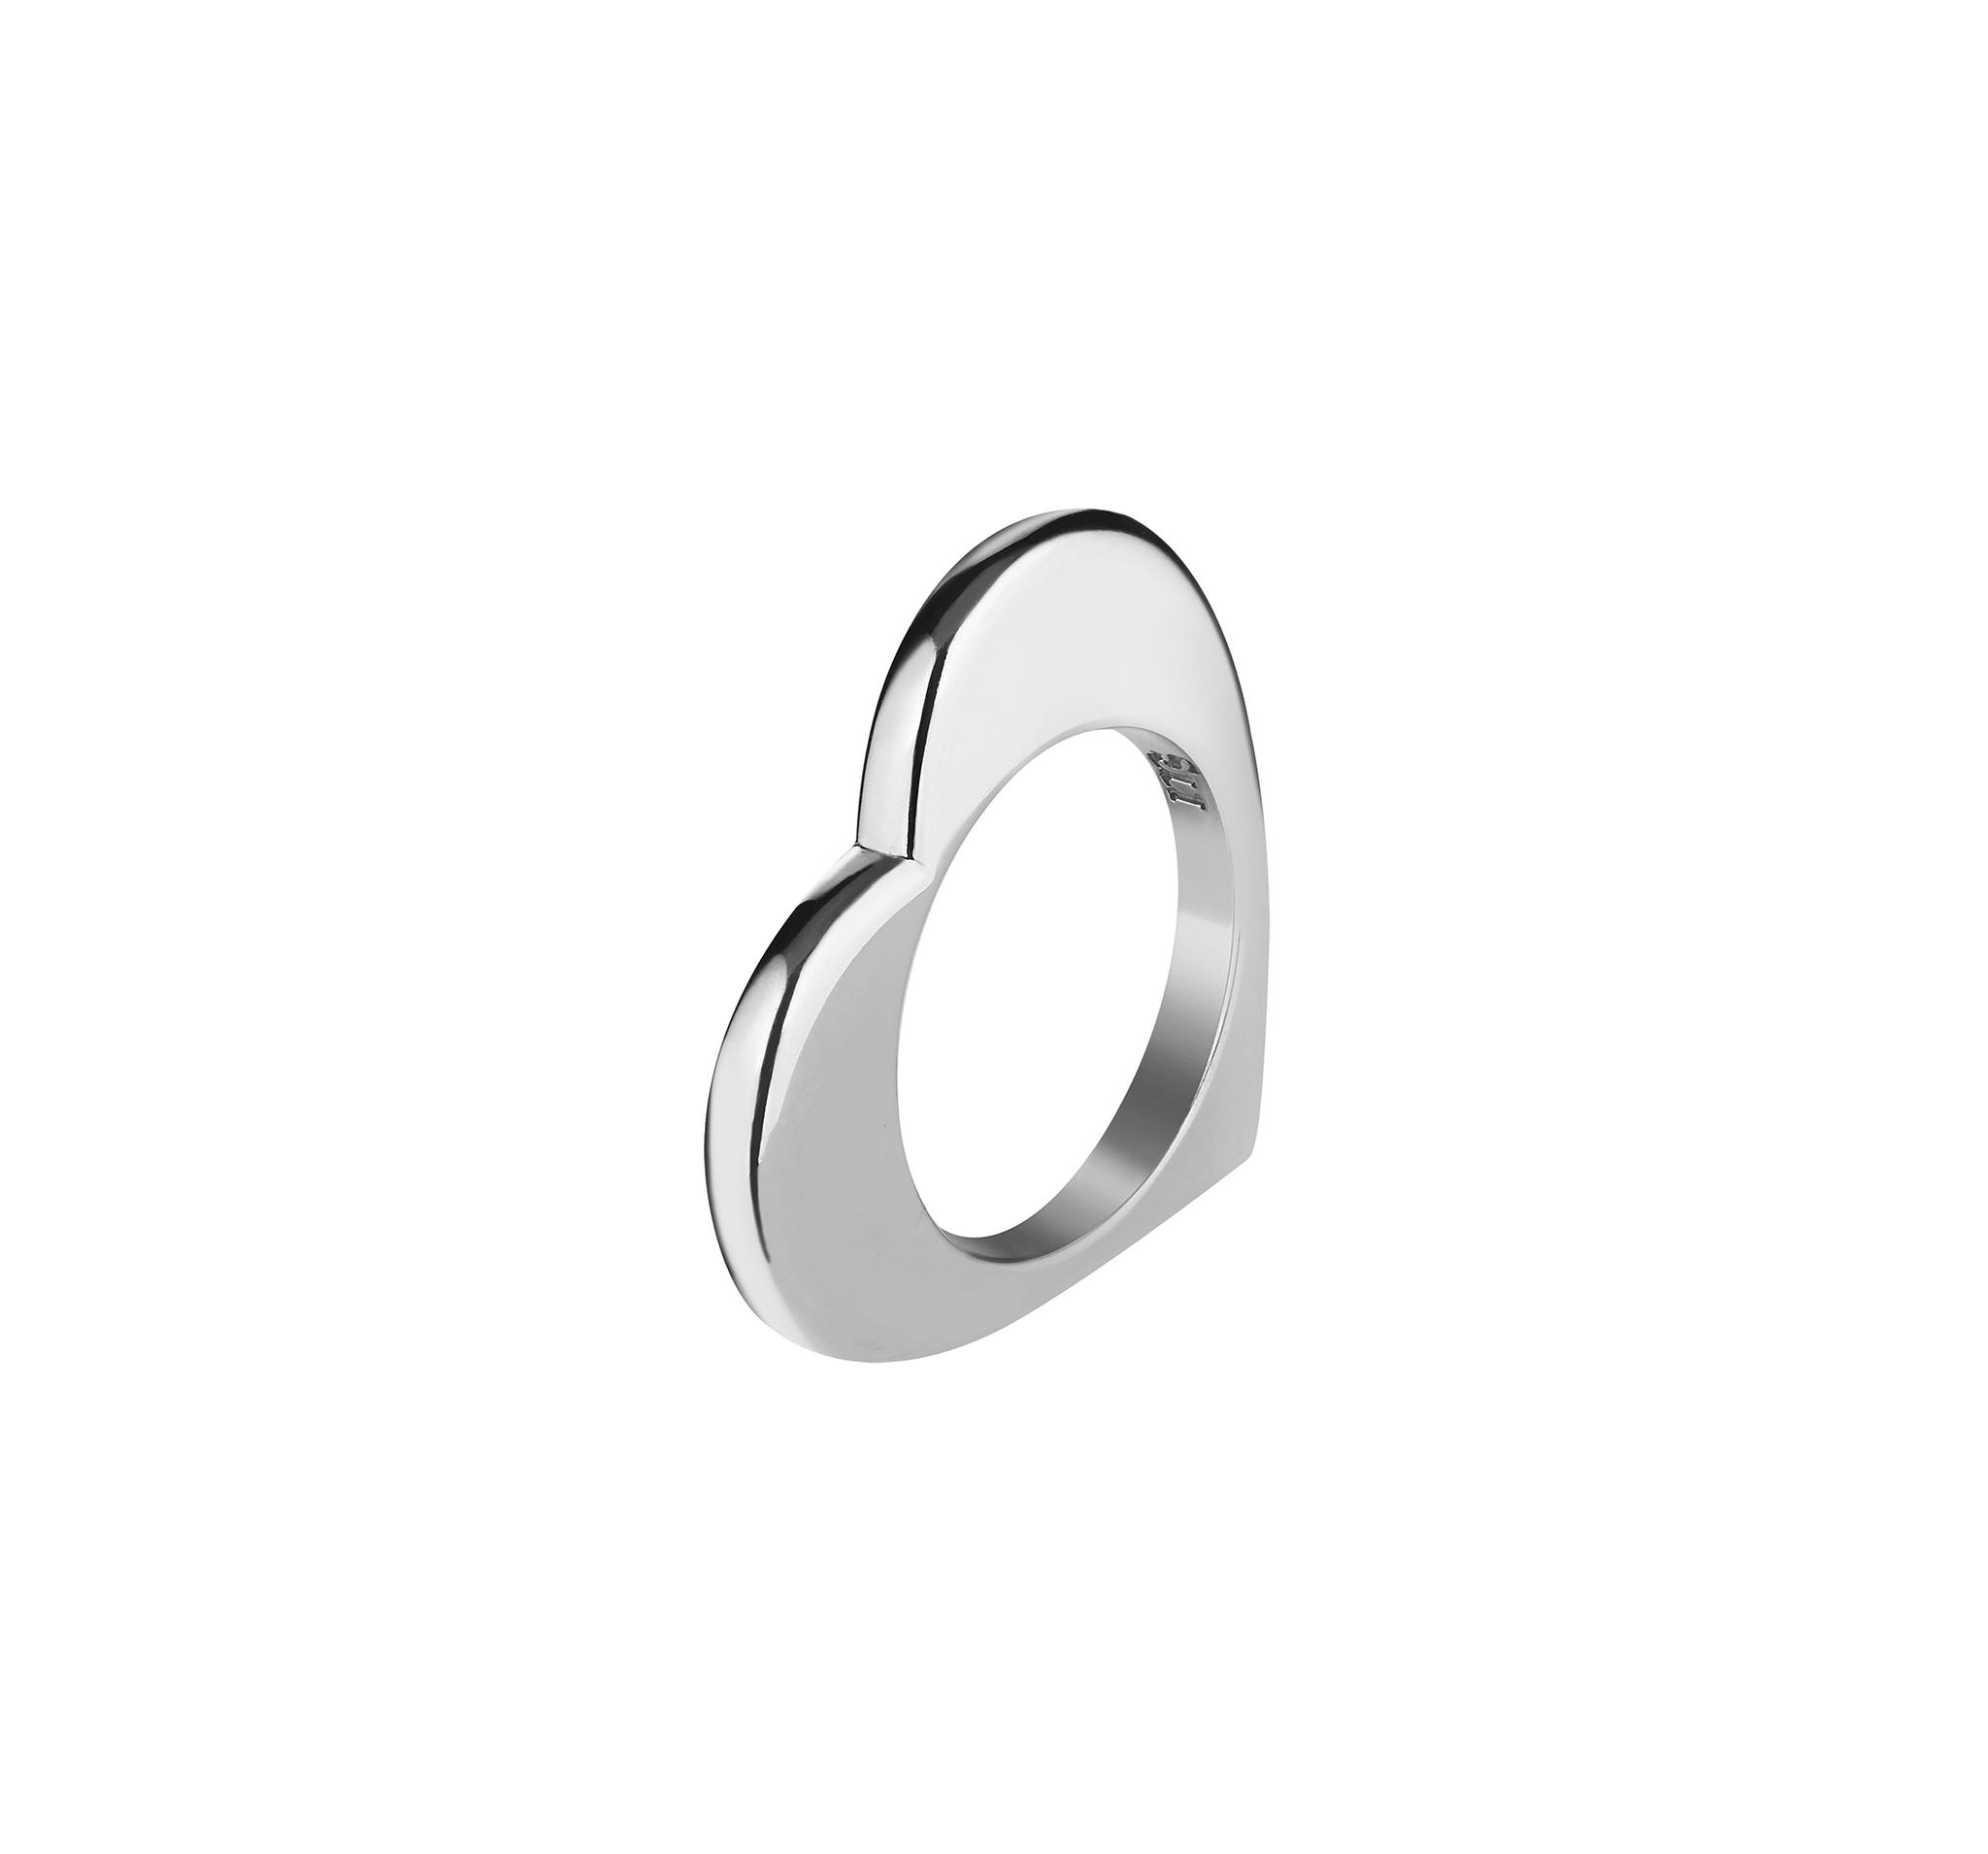 Кольцо из серебра 925 пробы и покрыто родием